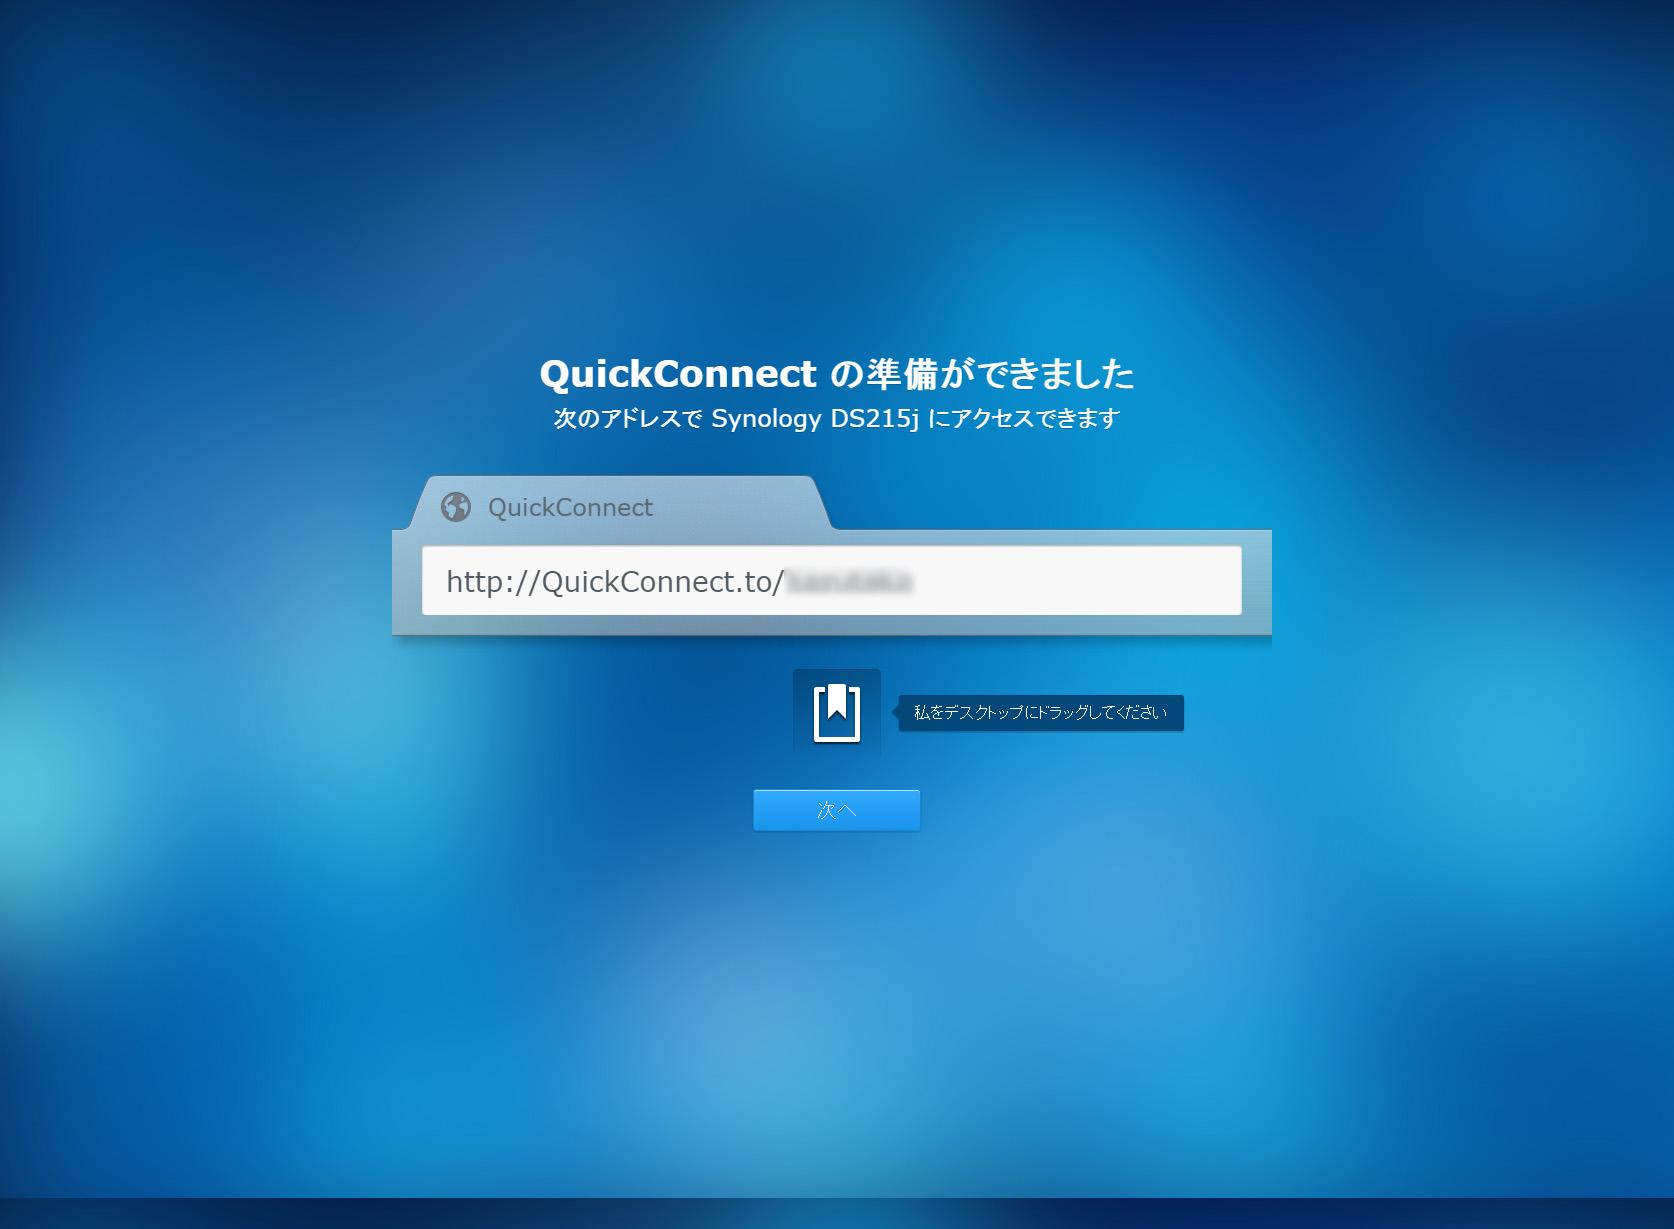 DS215j セットアップ画面